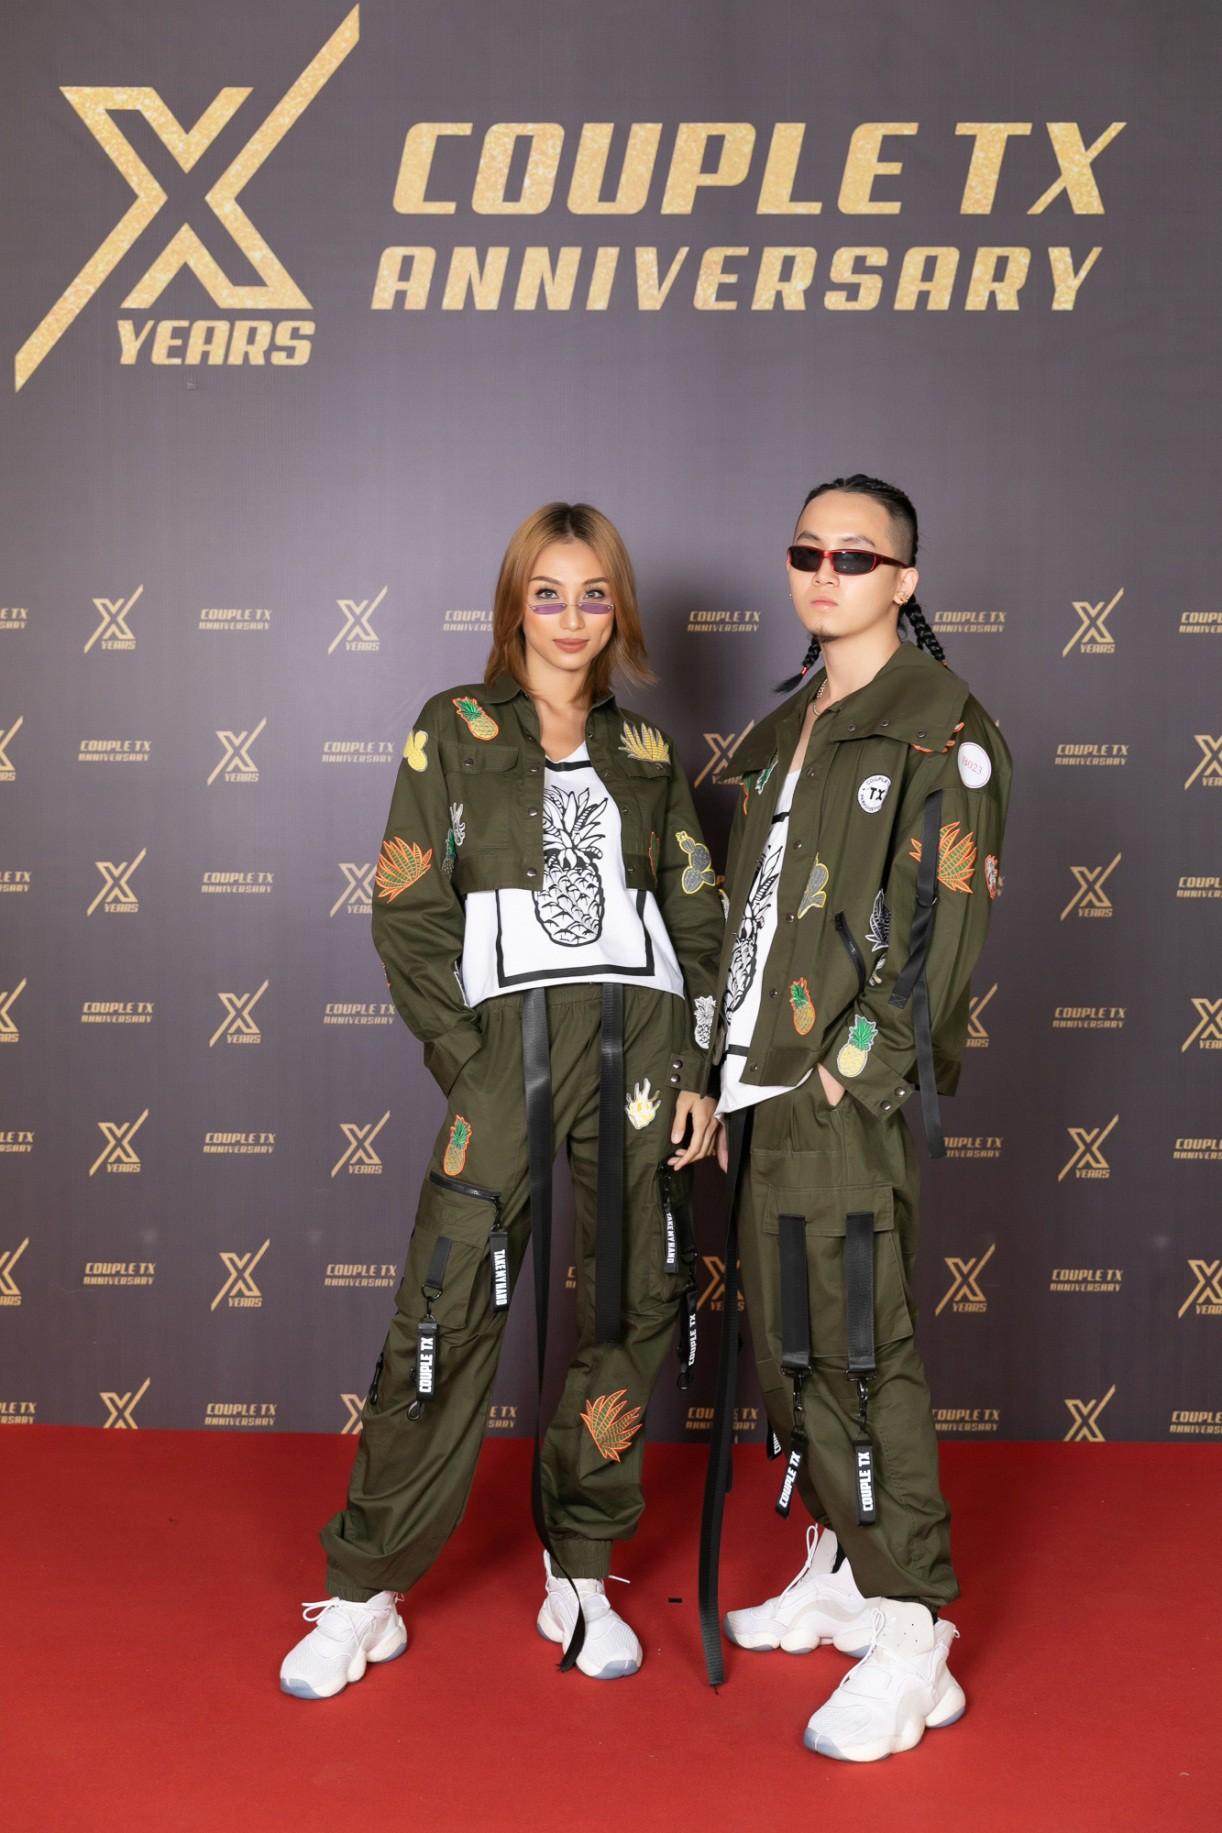 Dàn sao Việt đình đám quy tụ trong fashion show hoành tráng do Thanh Hằng làm vedette - Ảnh 2.